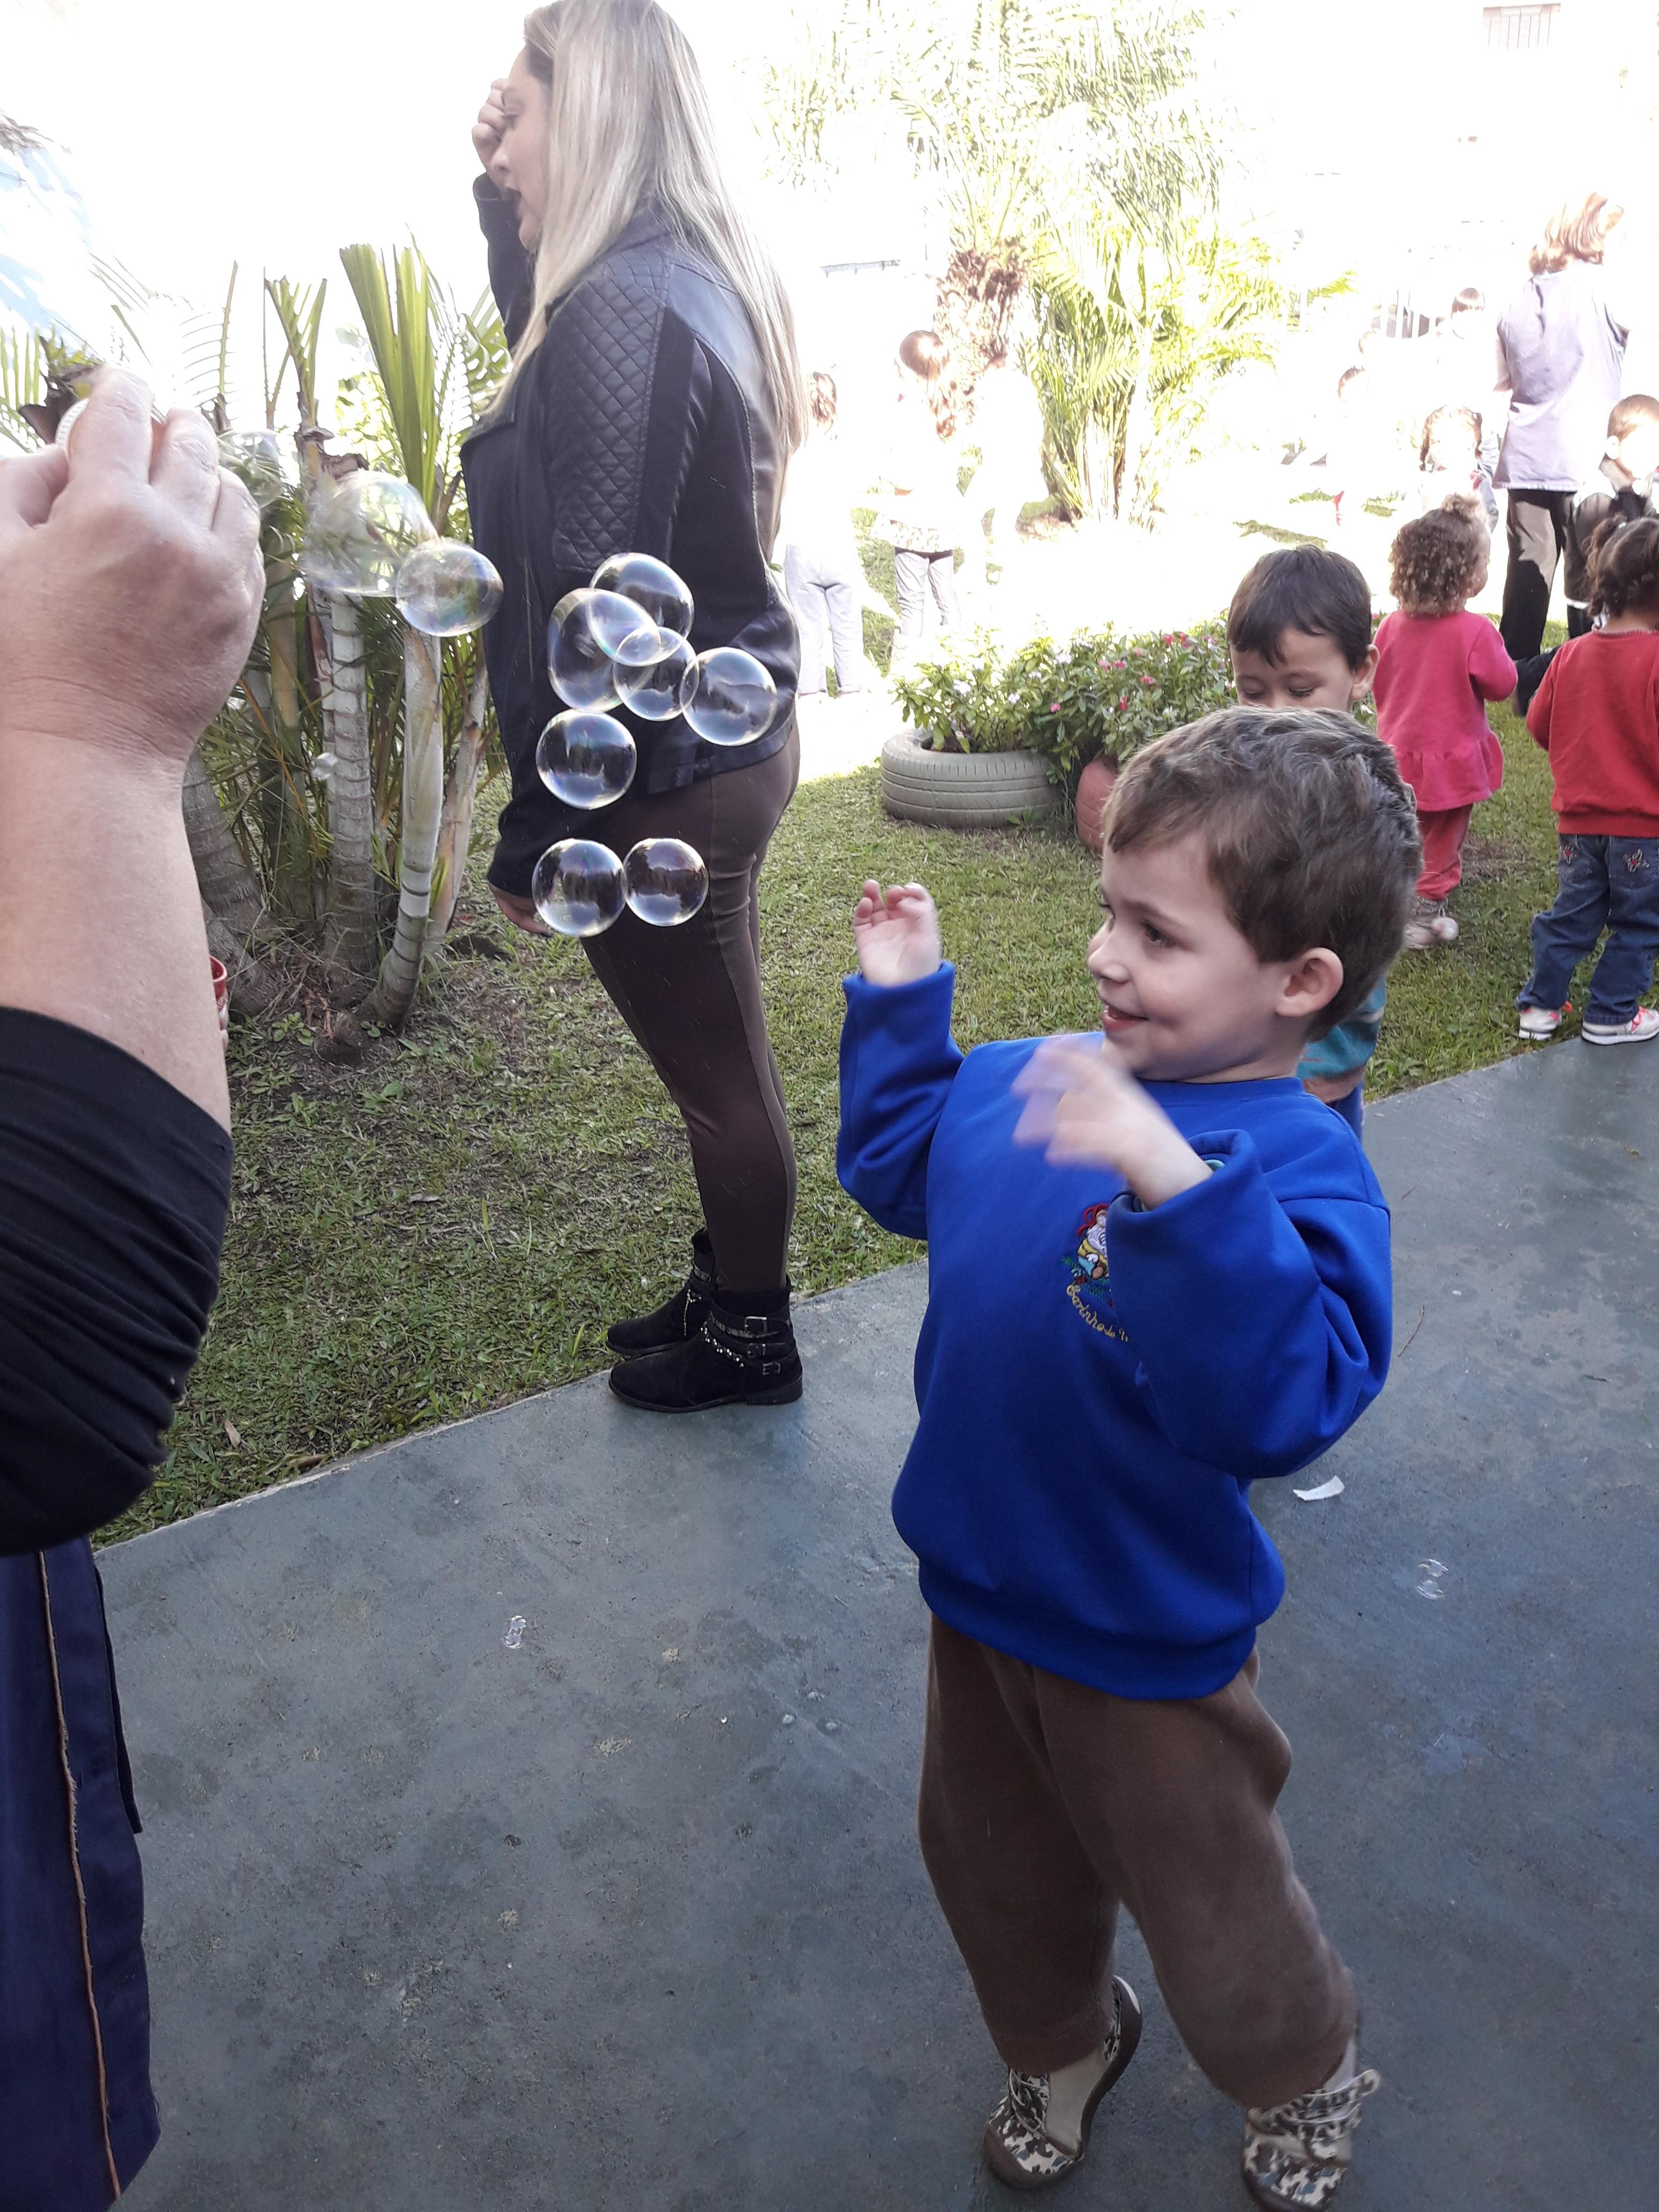 Parada da bolha/20170525_093815